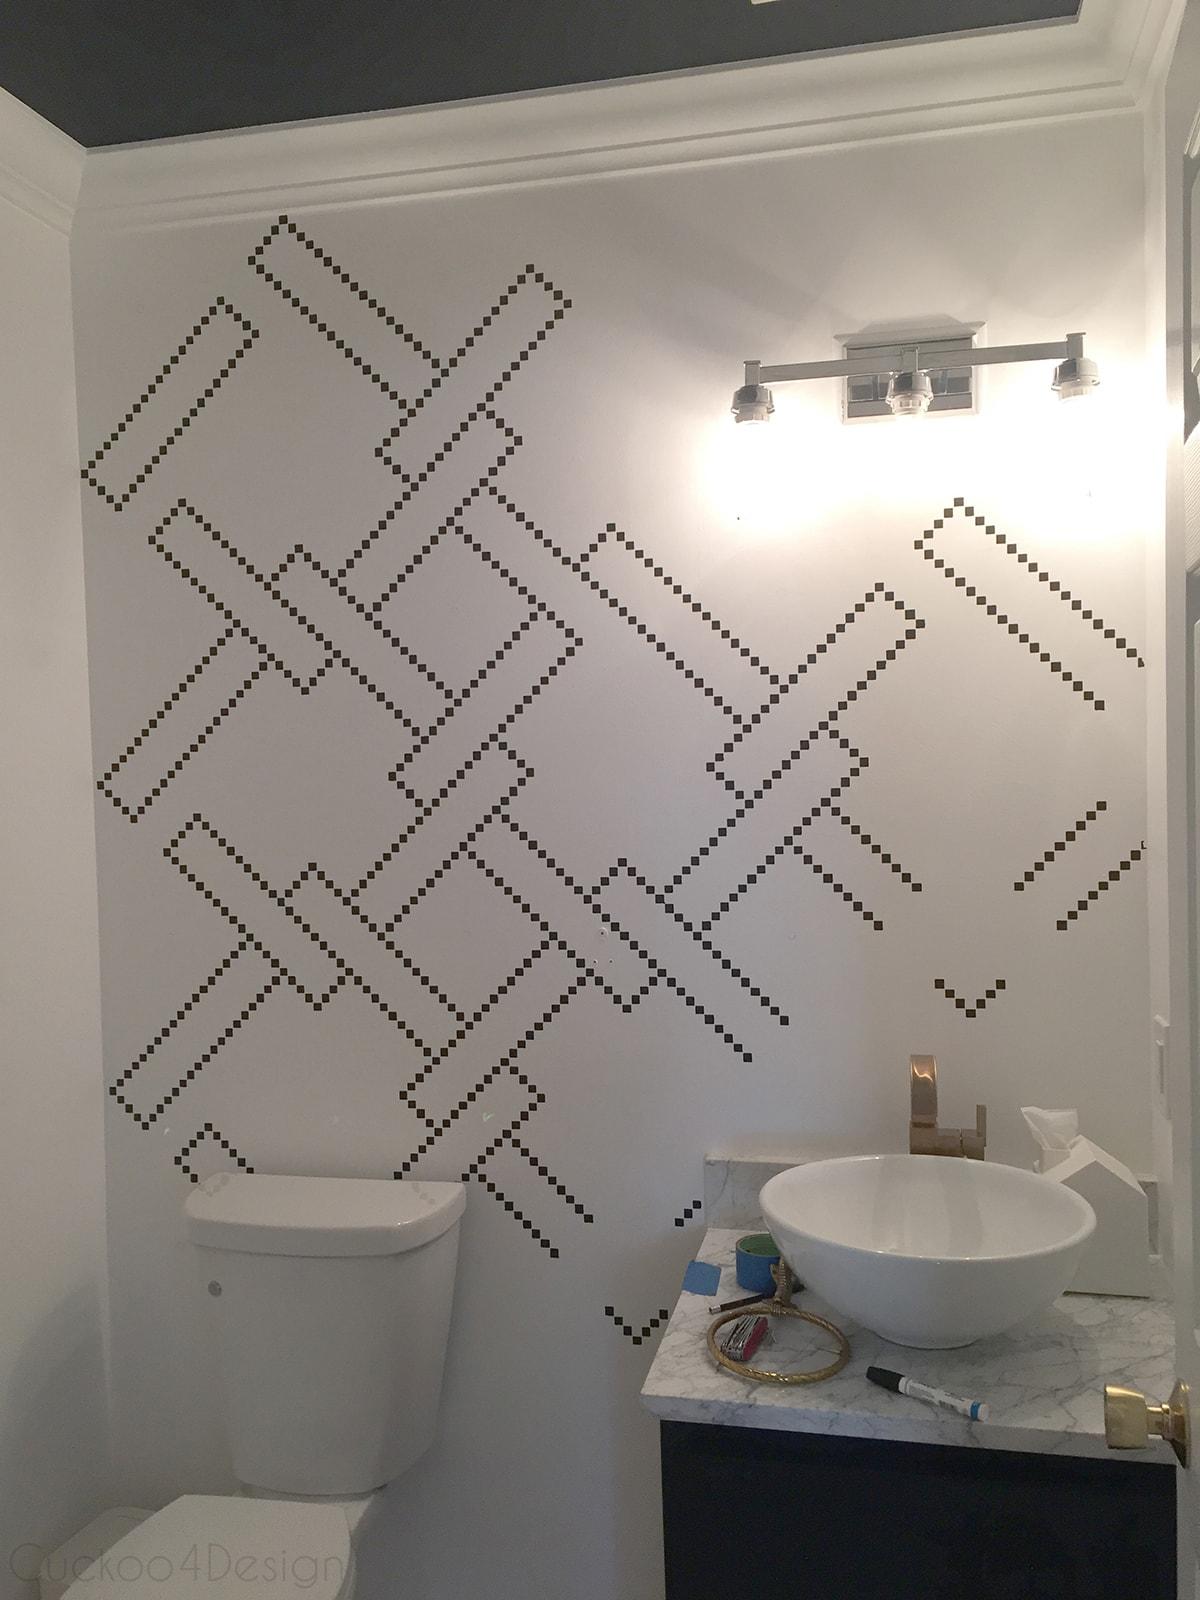 Bathroom wall stencils